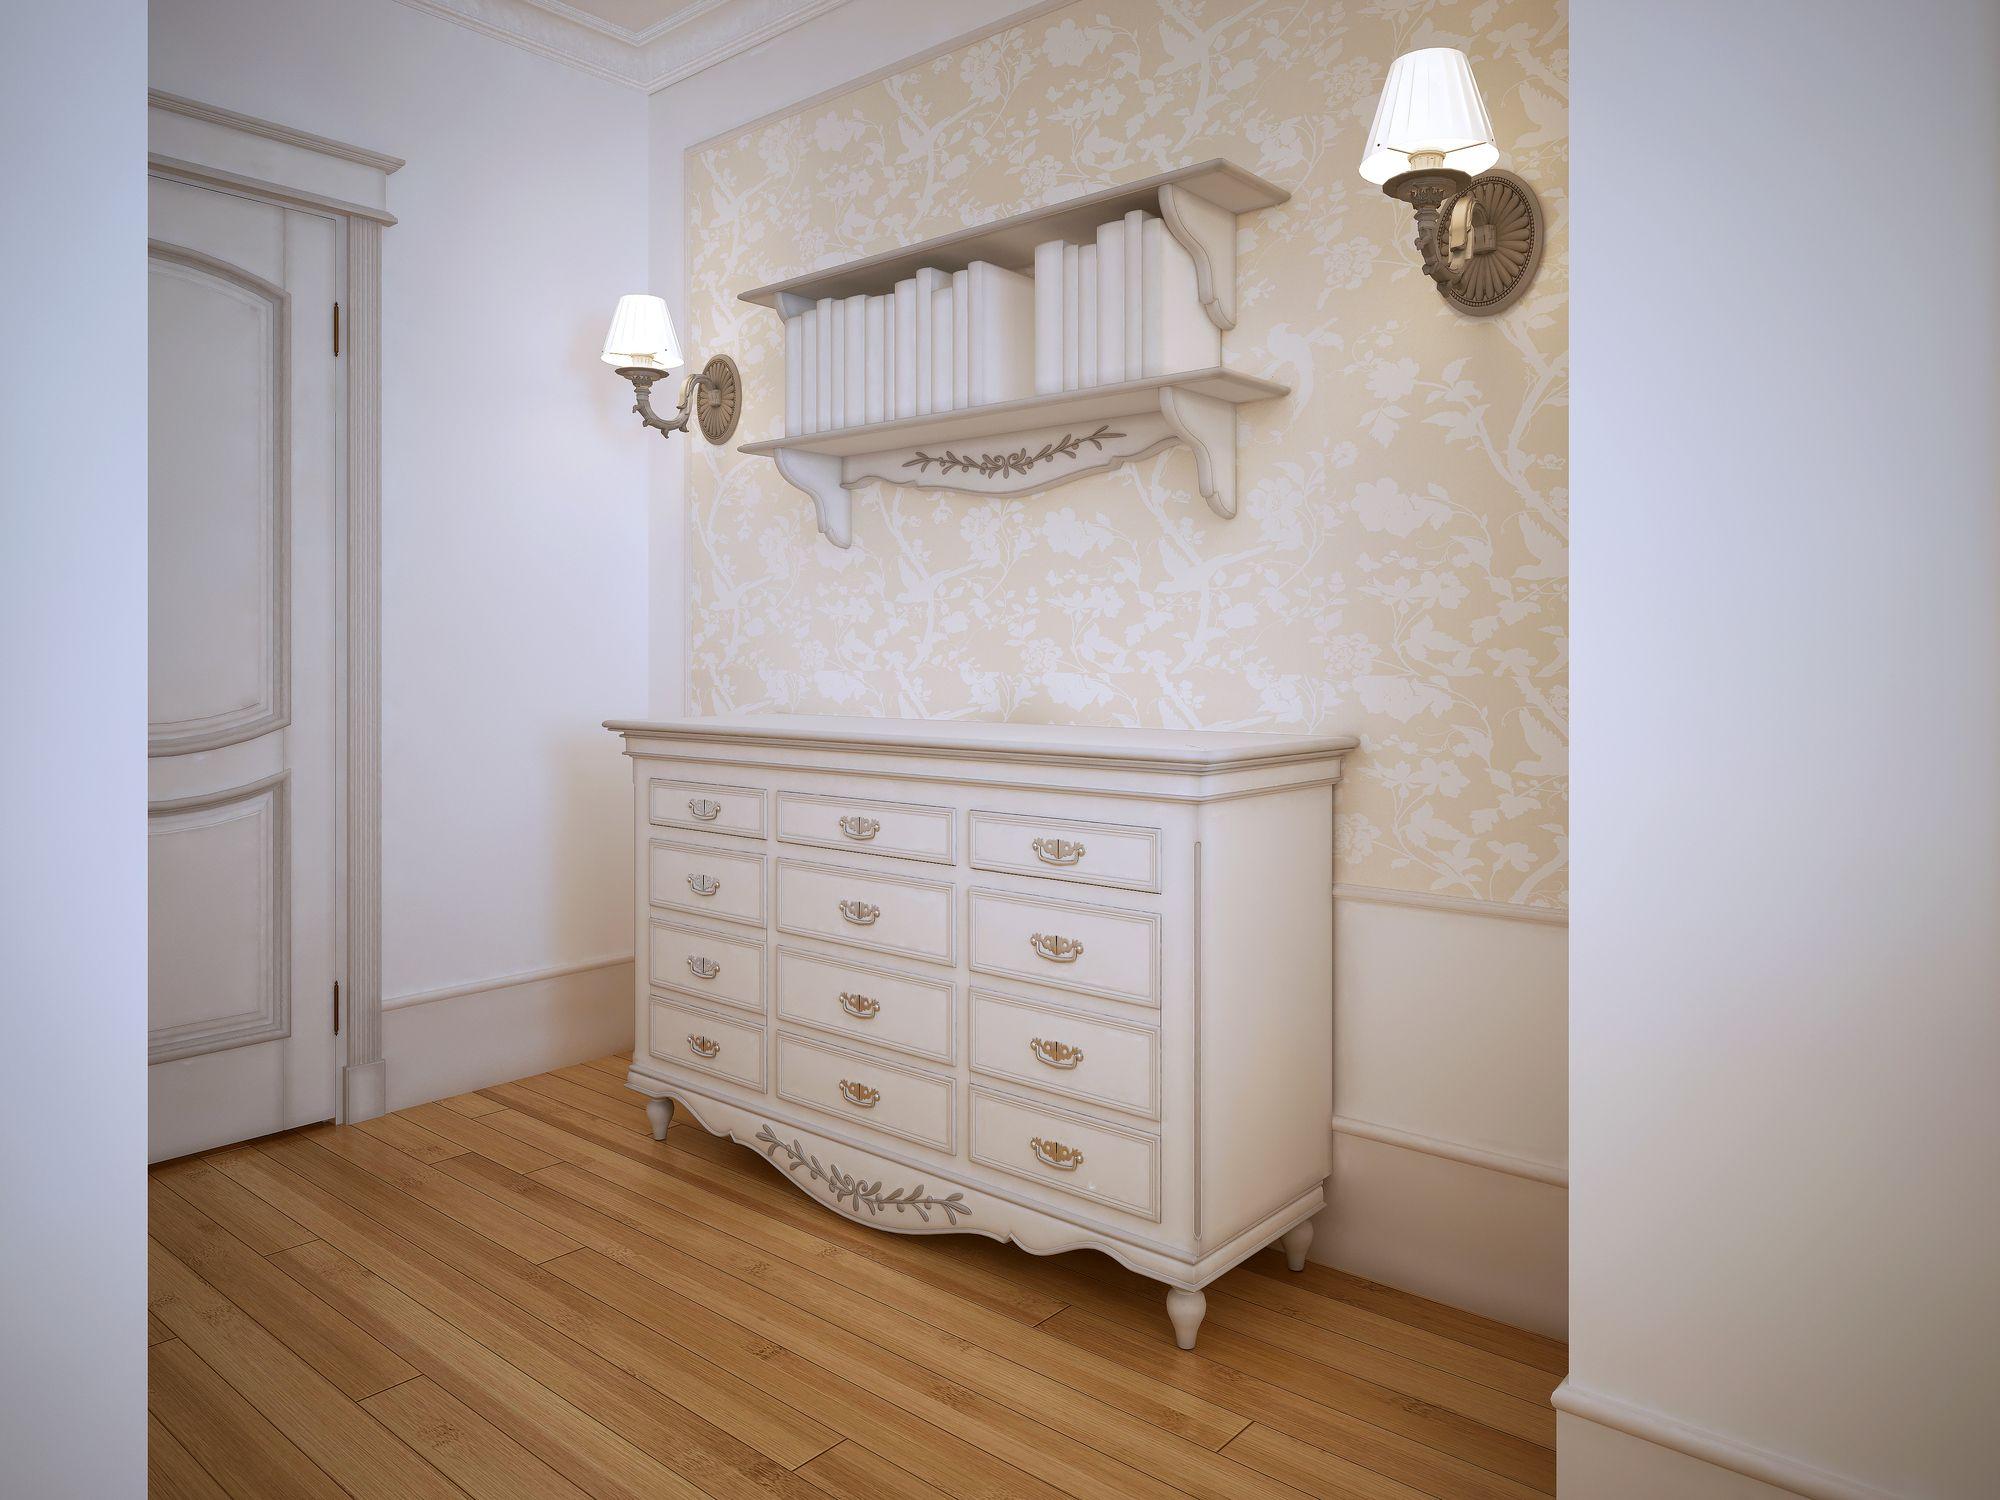 Muebles de estilo franc s hogarmania for Muebles estilo frances